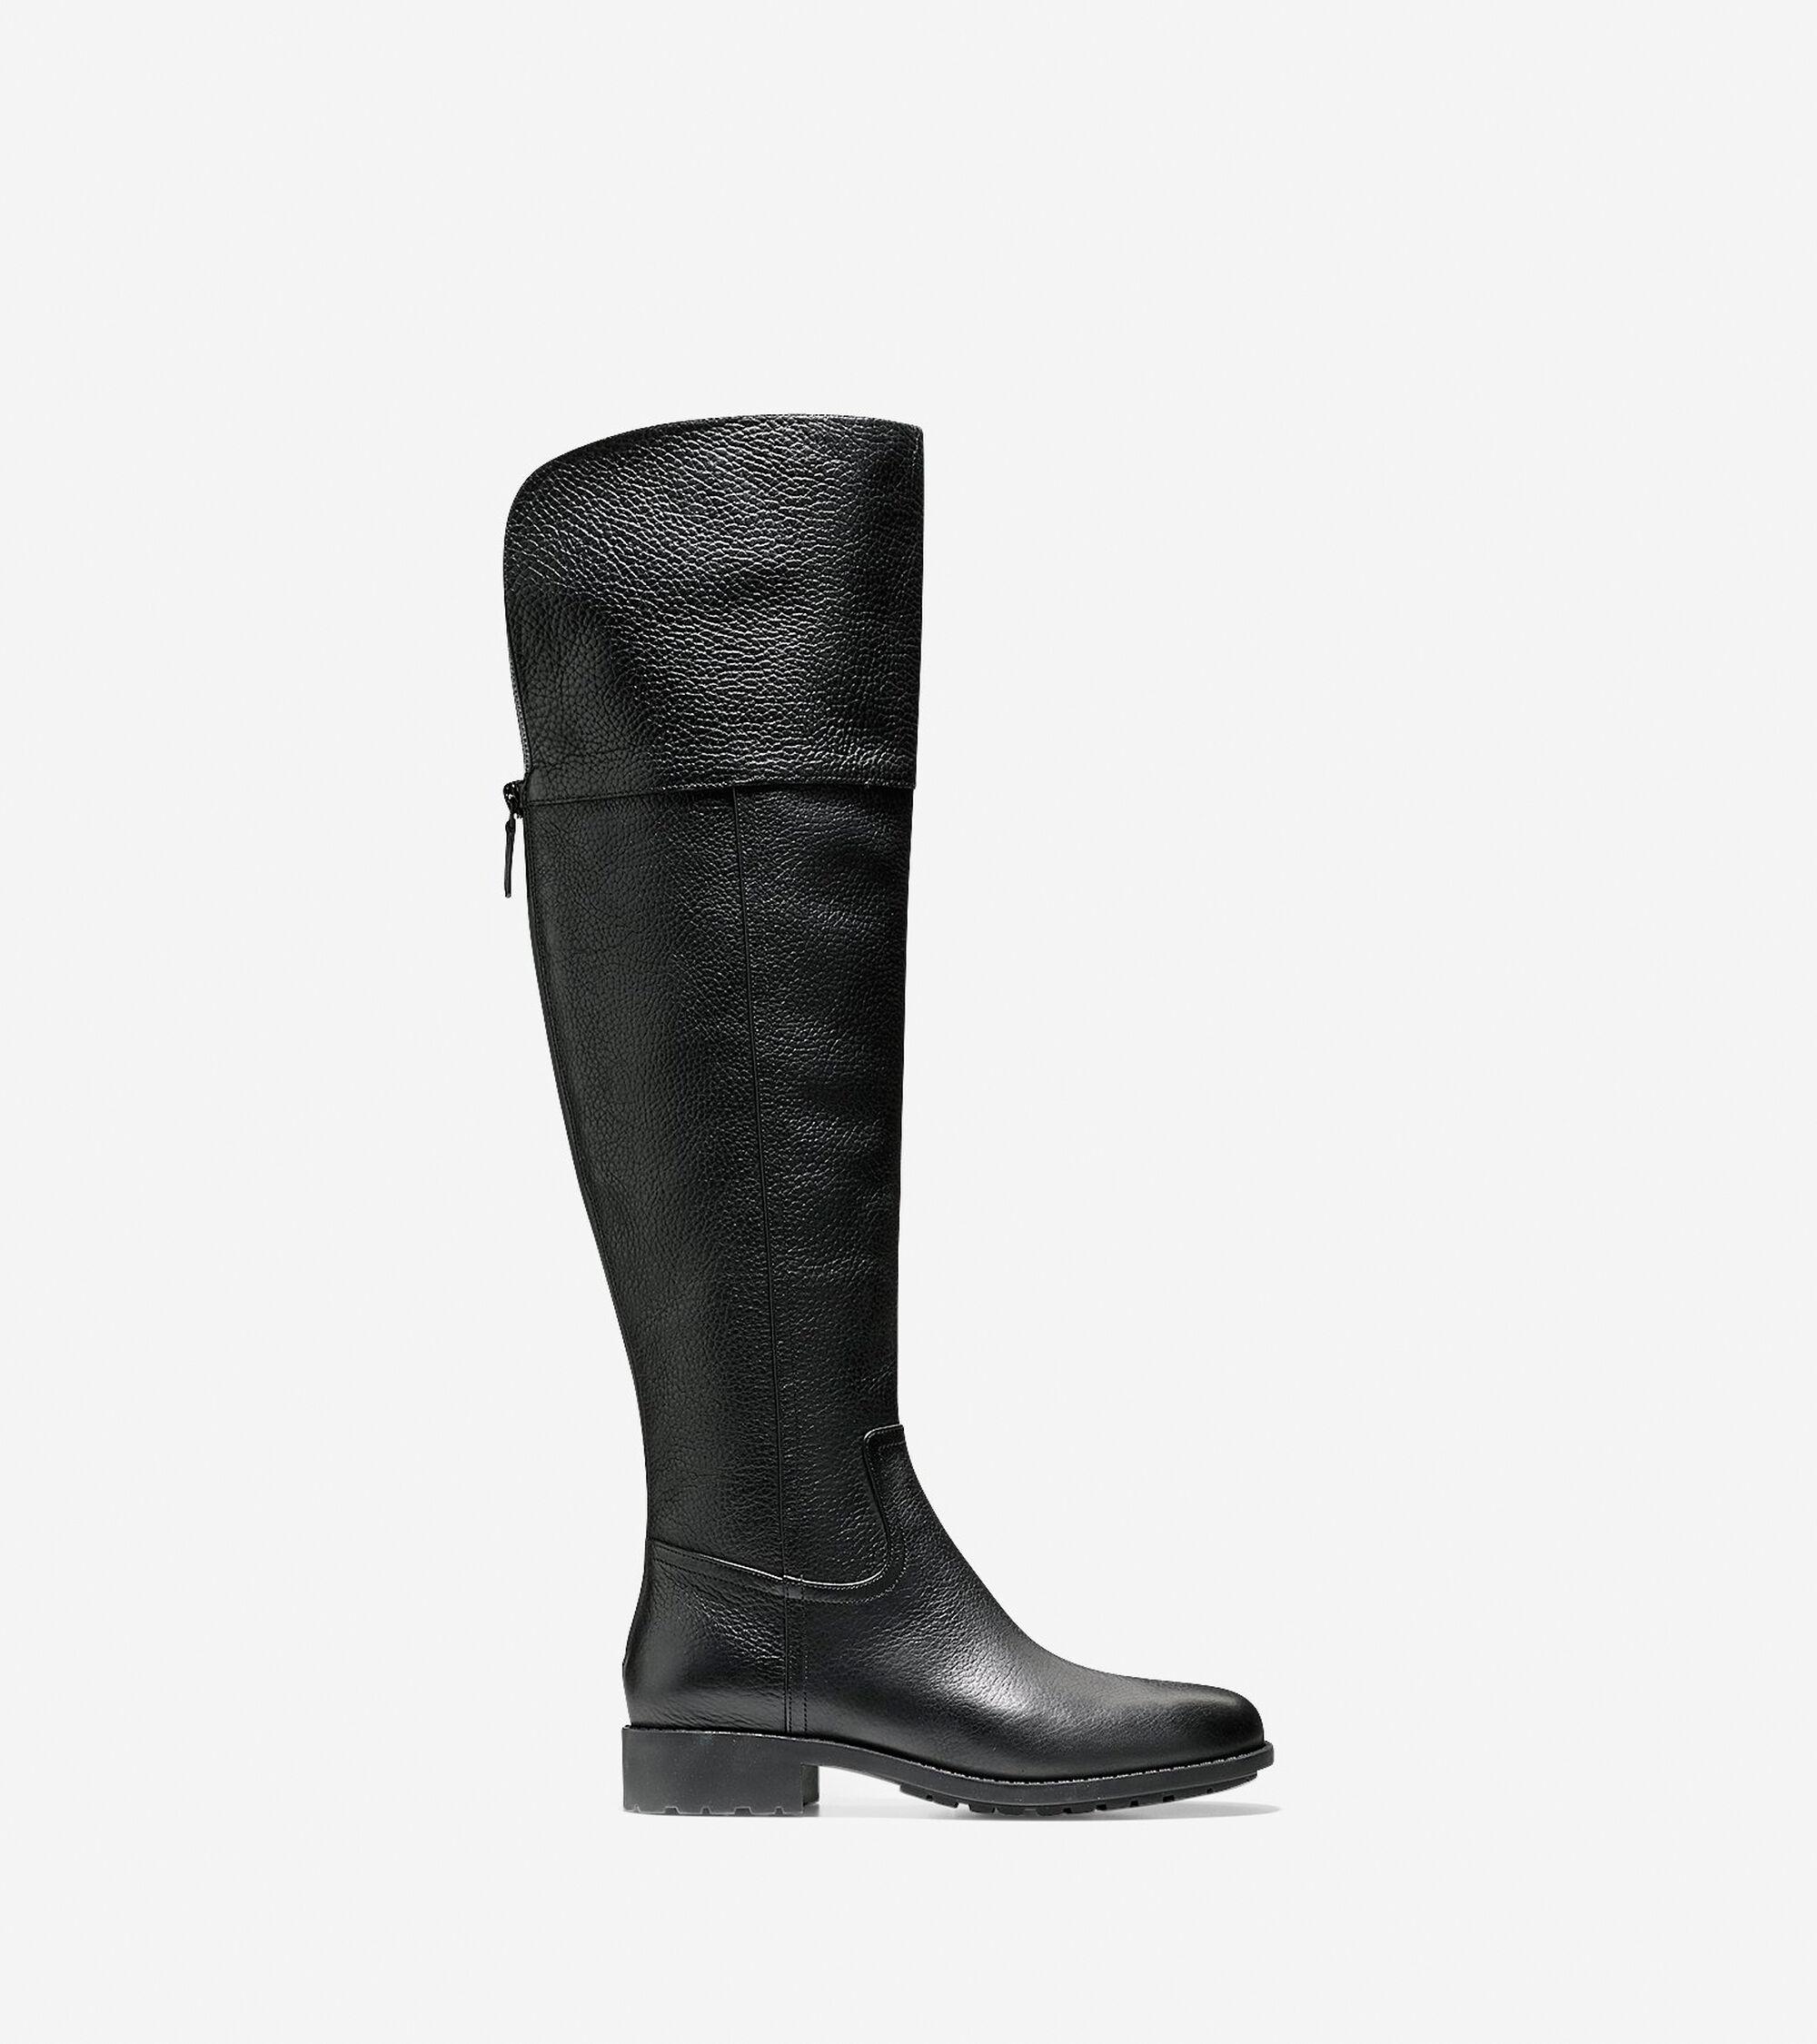 81ecc67d862 Prestiss Waterproof Over The Knee Boots in Black